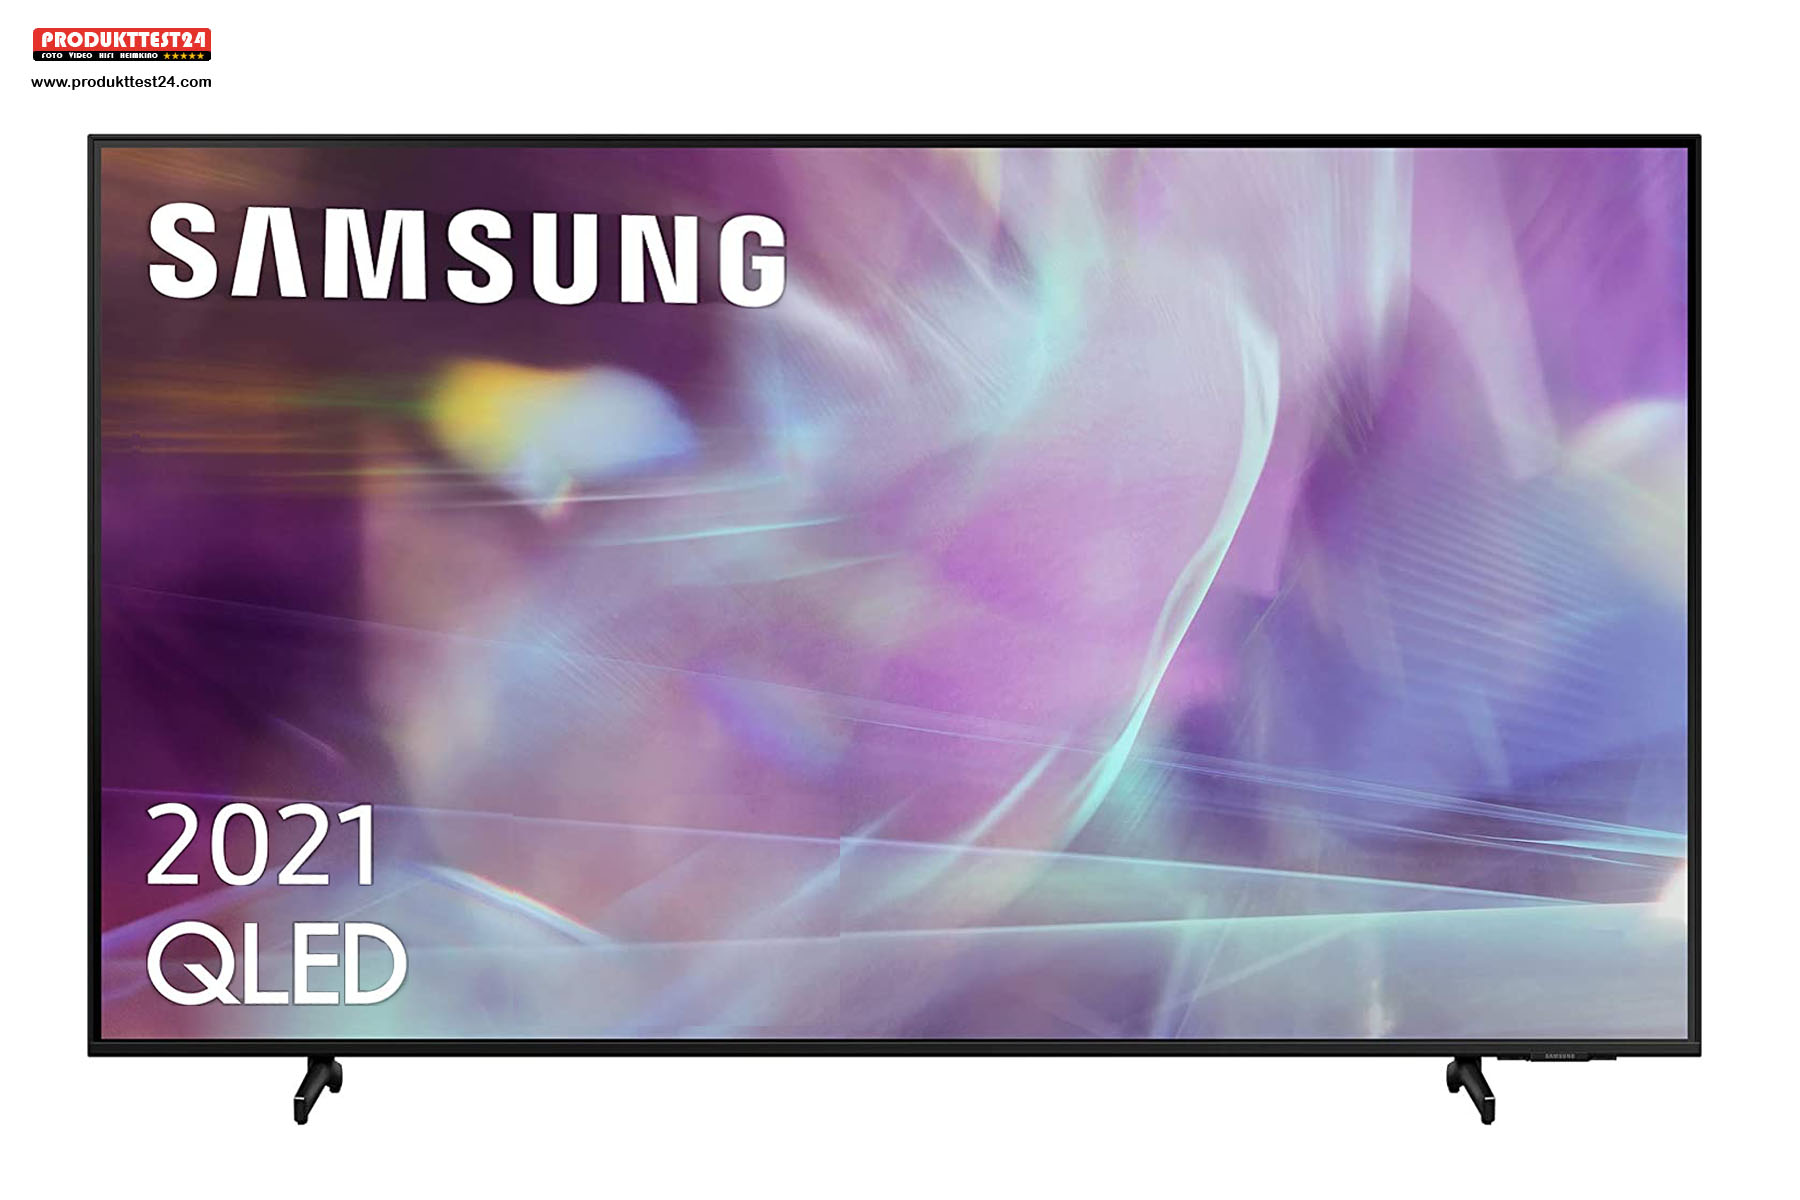 Gigantisch groß! Das riesige 85 Zoll Fernseher passt nicht in jedes Wohnzimmer.